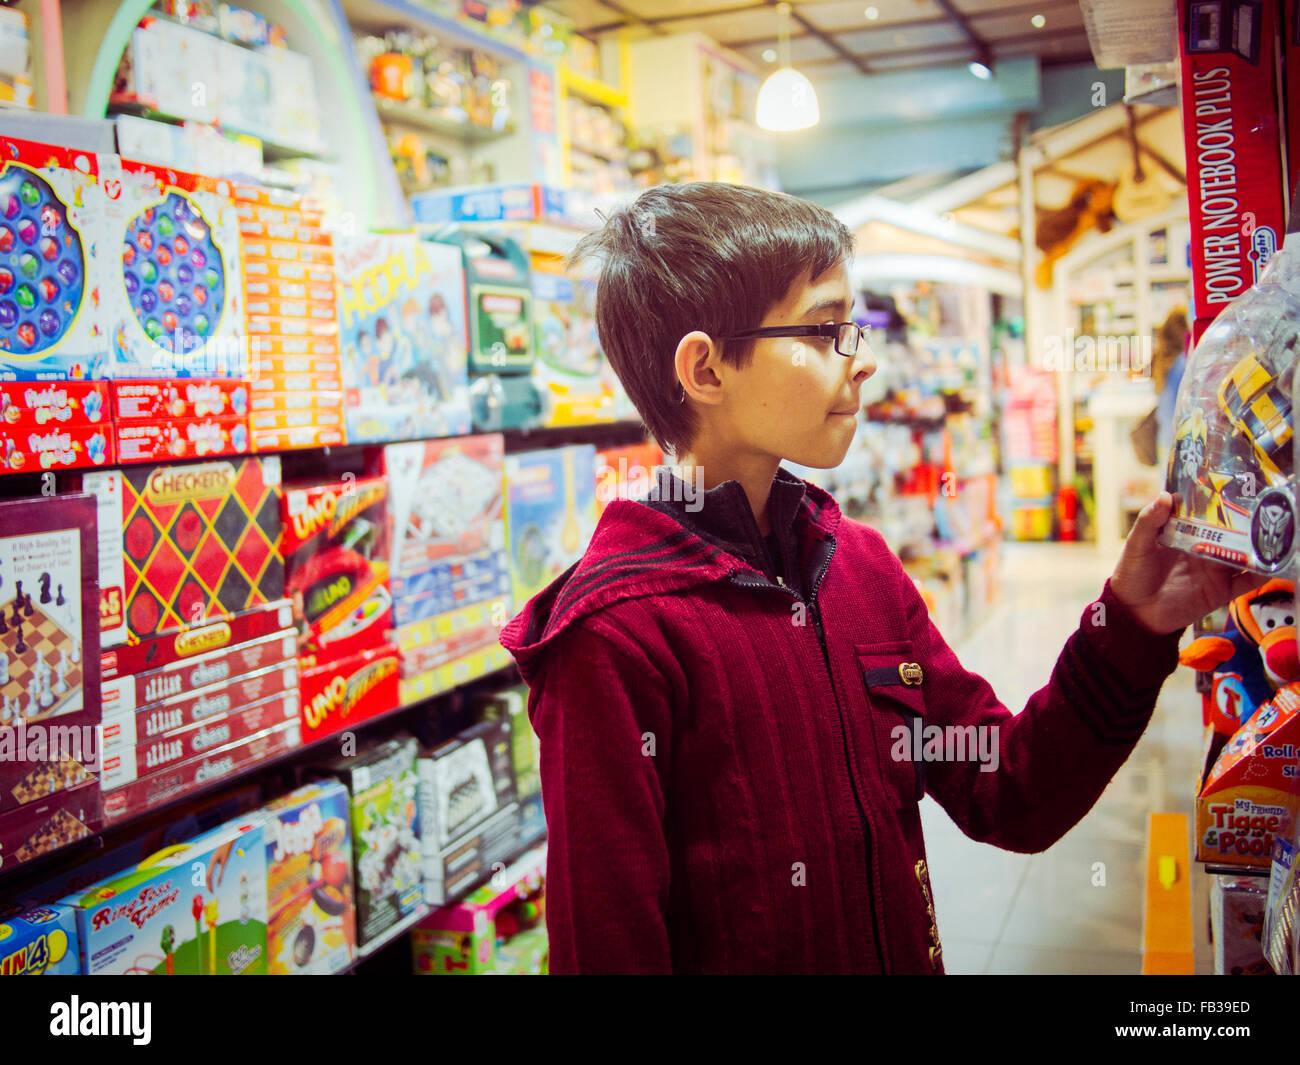 boy shopping toy shop islamabad pakistan - Stock Image